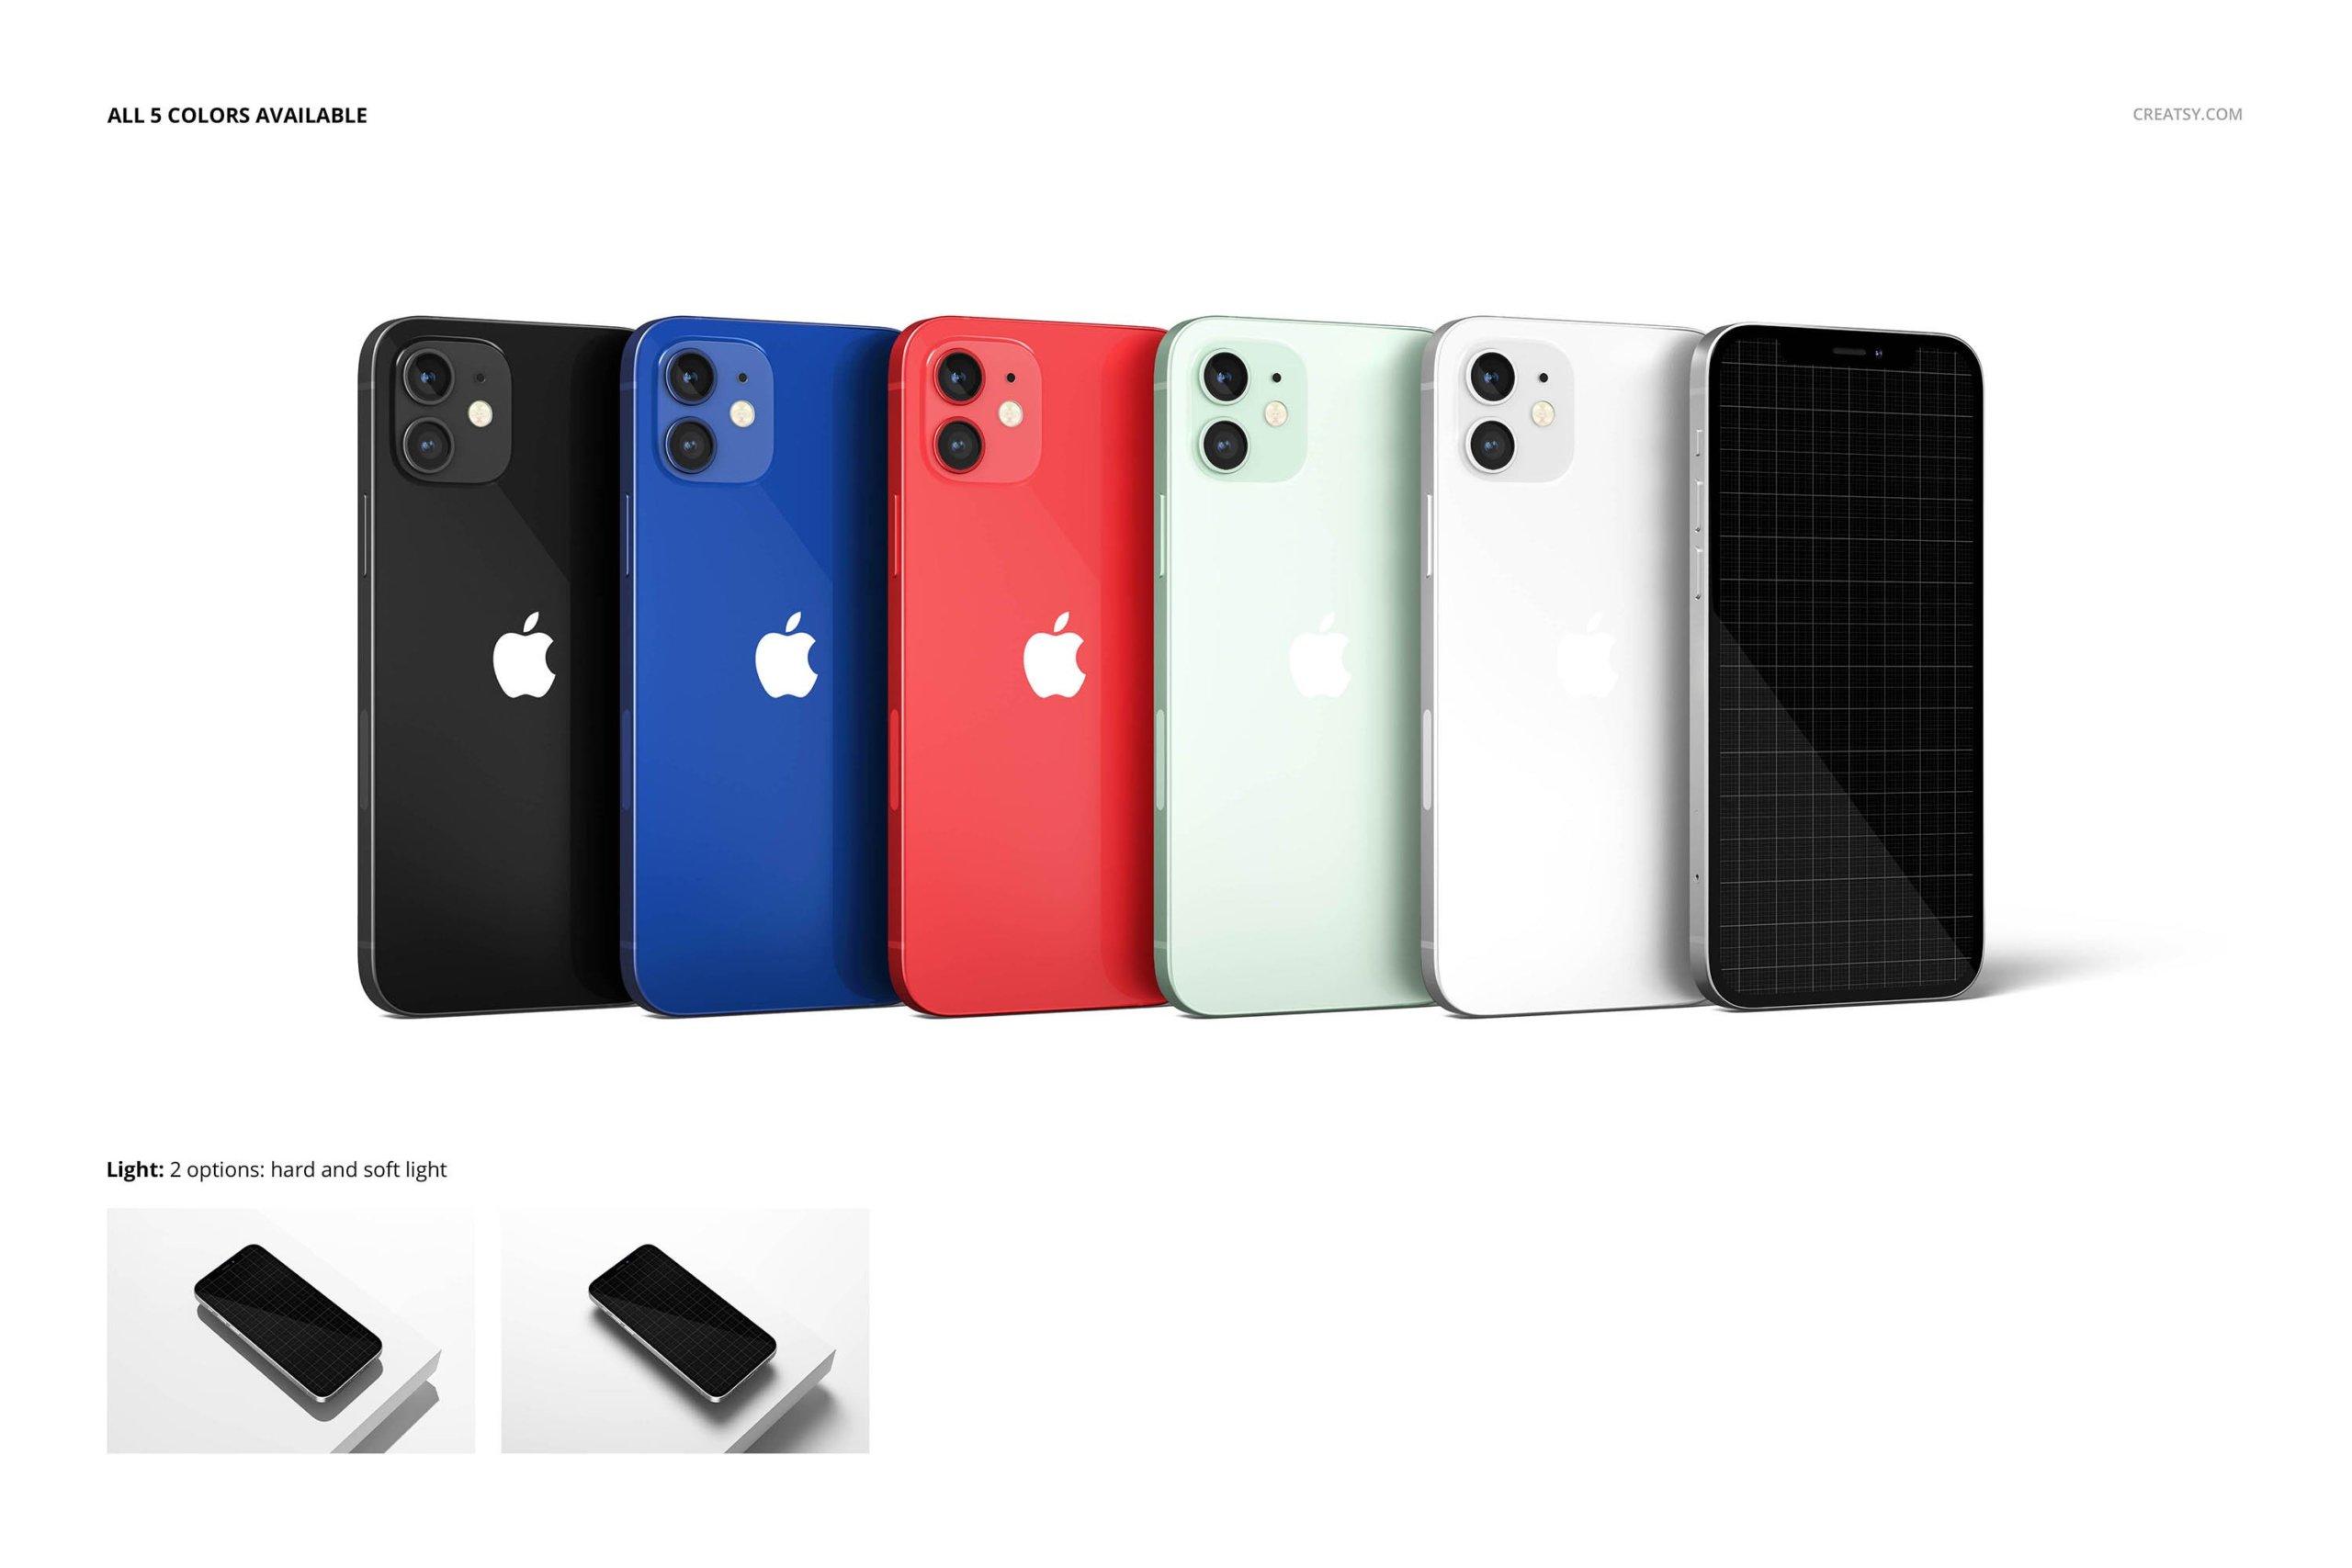 [单独购买] 26款时尚光滑苹果iPhone 12手机保护壳设计PS贴图样机模板素材 iPhone 12 Glossy Snap Case 1 Mockup插图23